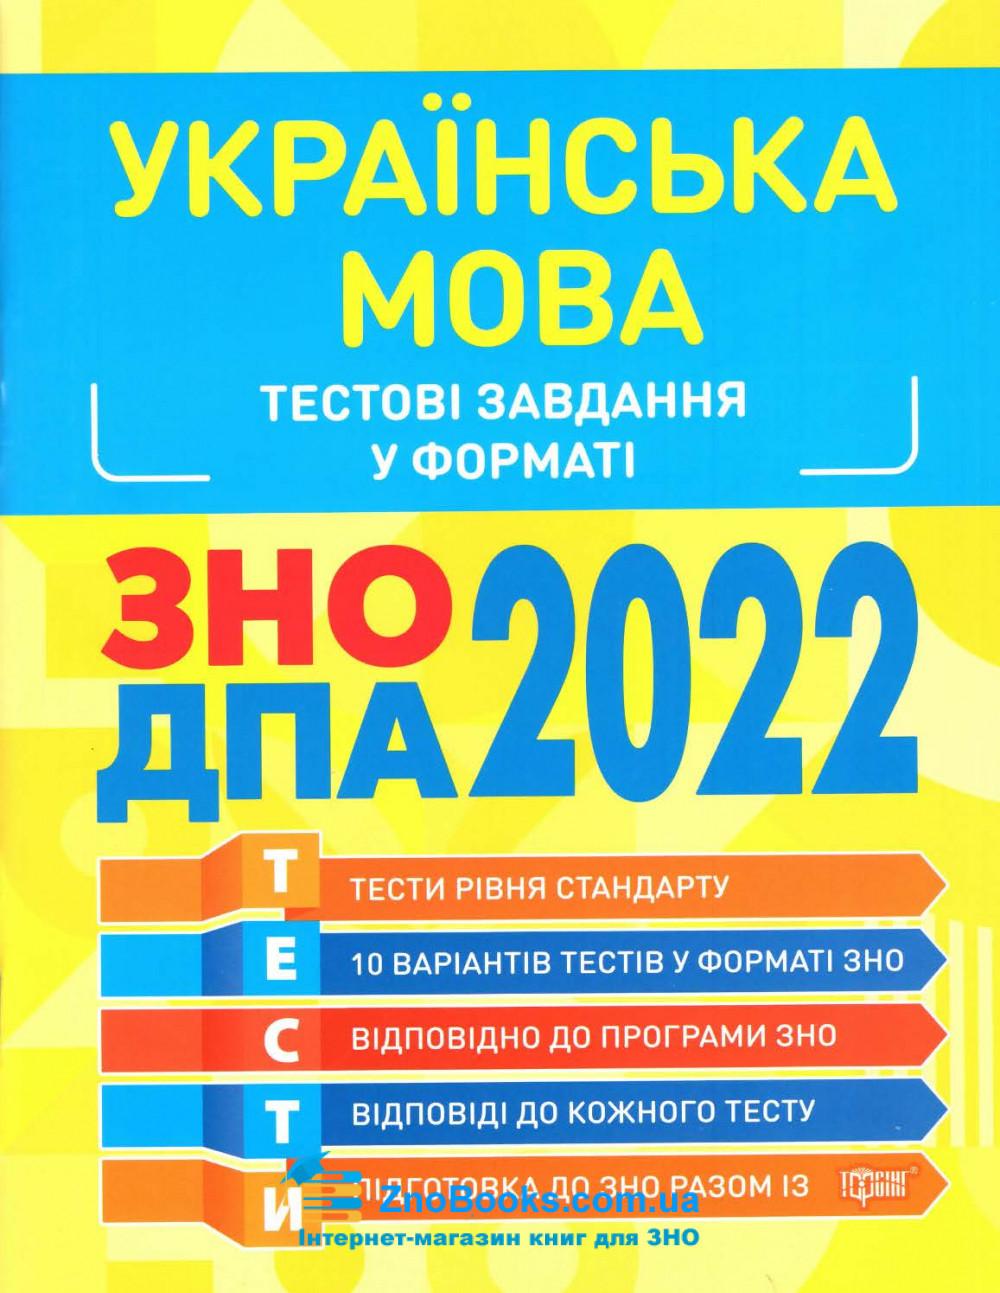 Тестові завдання у форматі ЗНО 2022 з Української мови : Воскресенська Ю., Яковлева Н. Торсінг 0